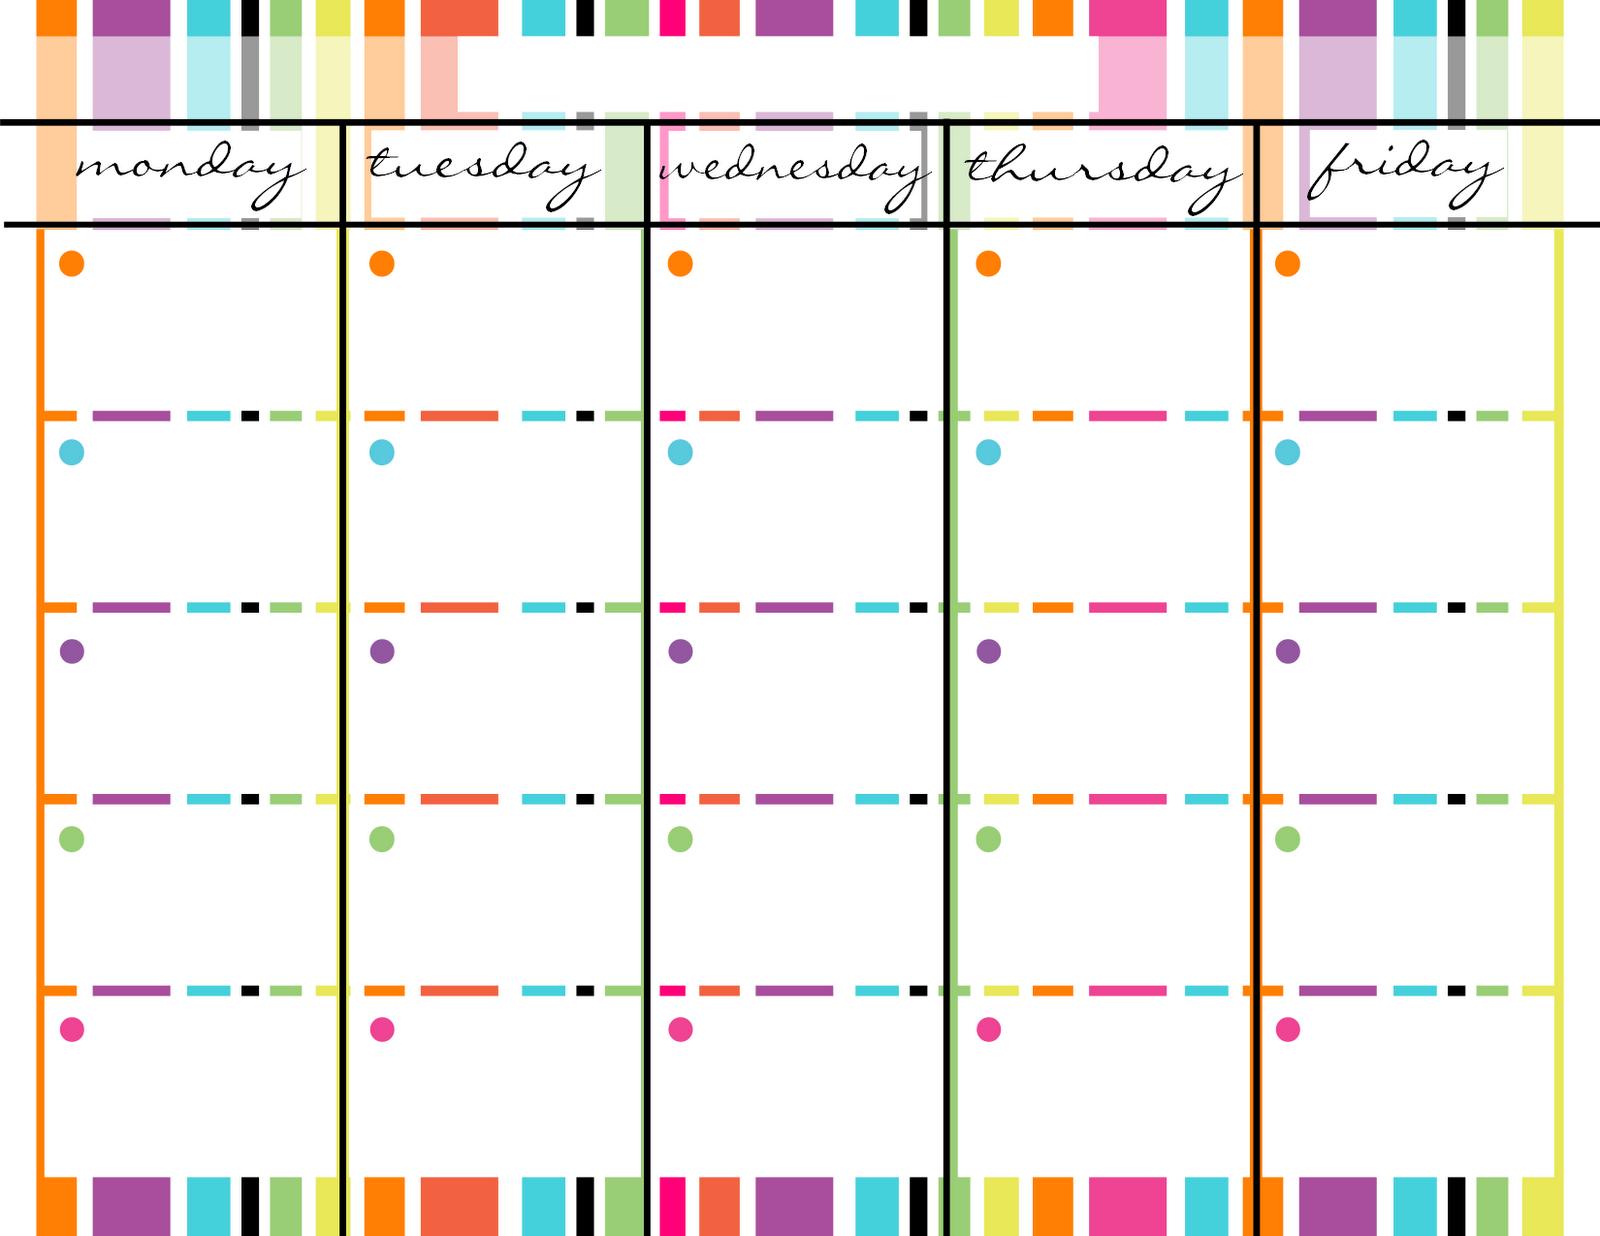 Blank Monday Through Friday Printable Calendar | Calendar with Free Printable Monday Through Friday Calendar